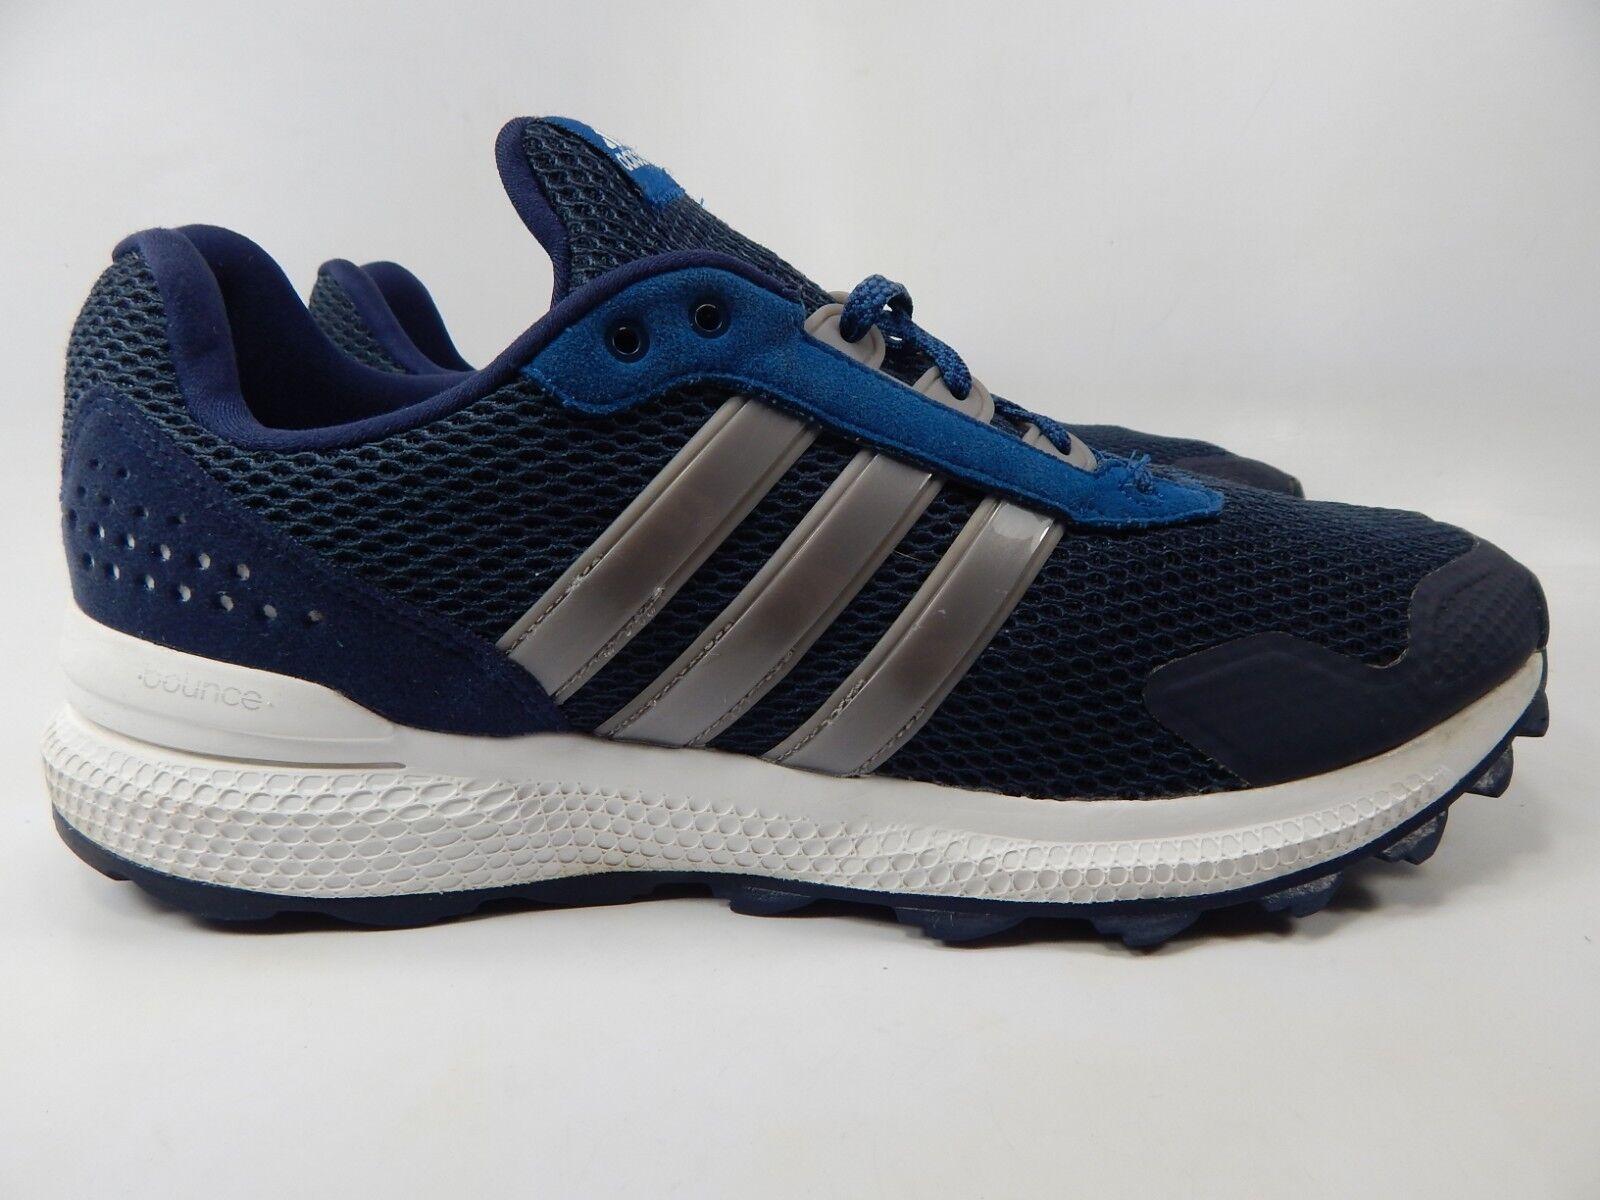 Adidas Maratón 16 Tr M (D) Eu 48 Hombre Zapatillas de Correr Azul